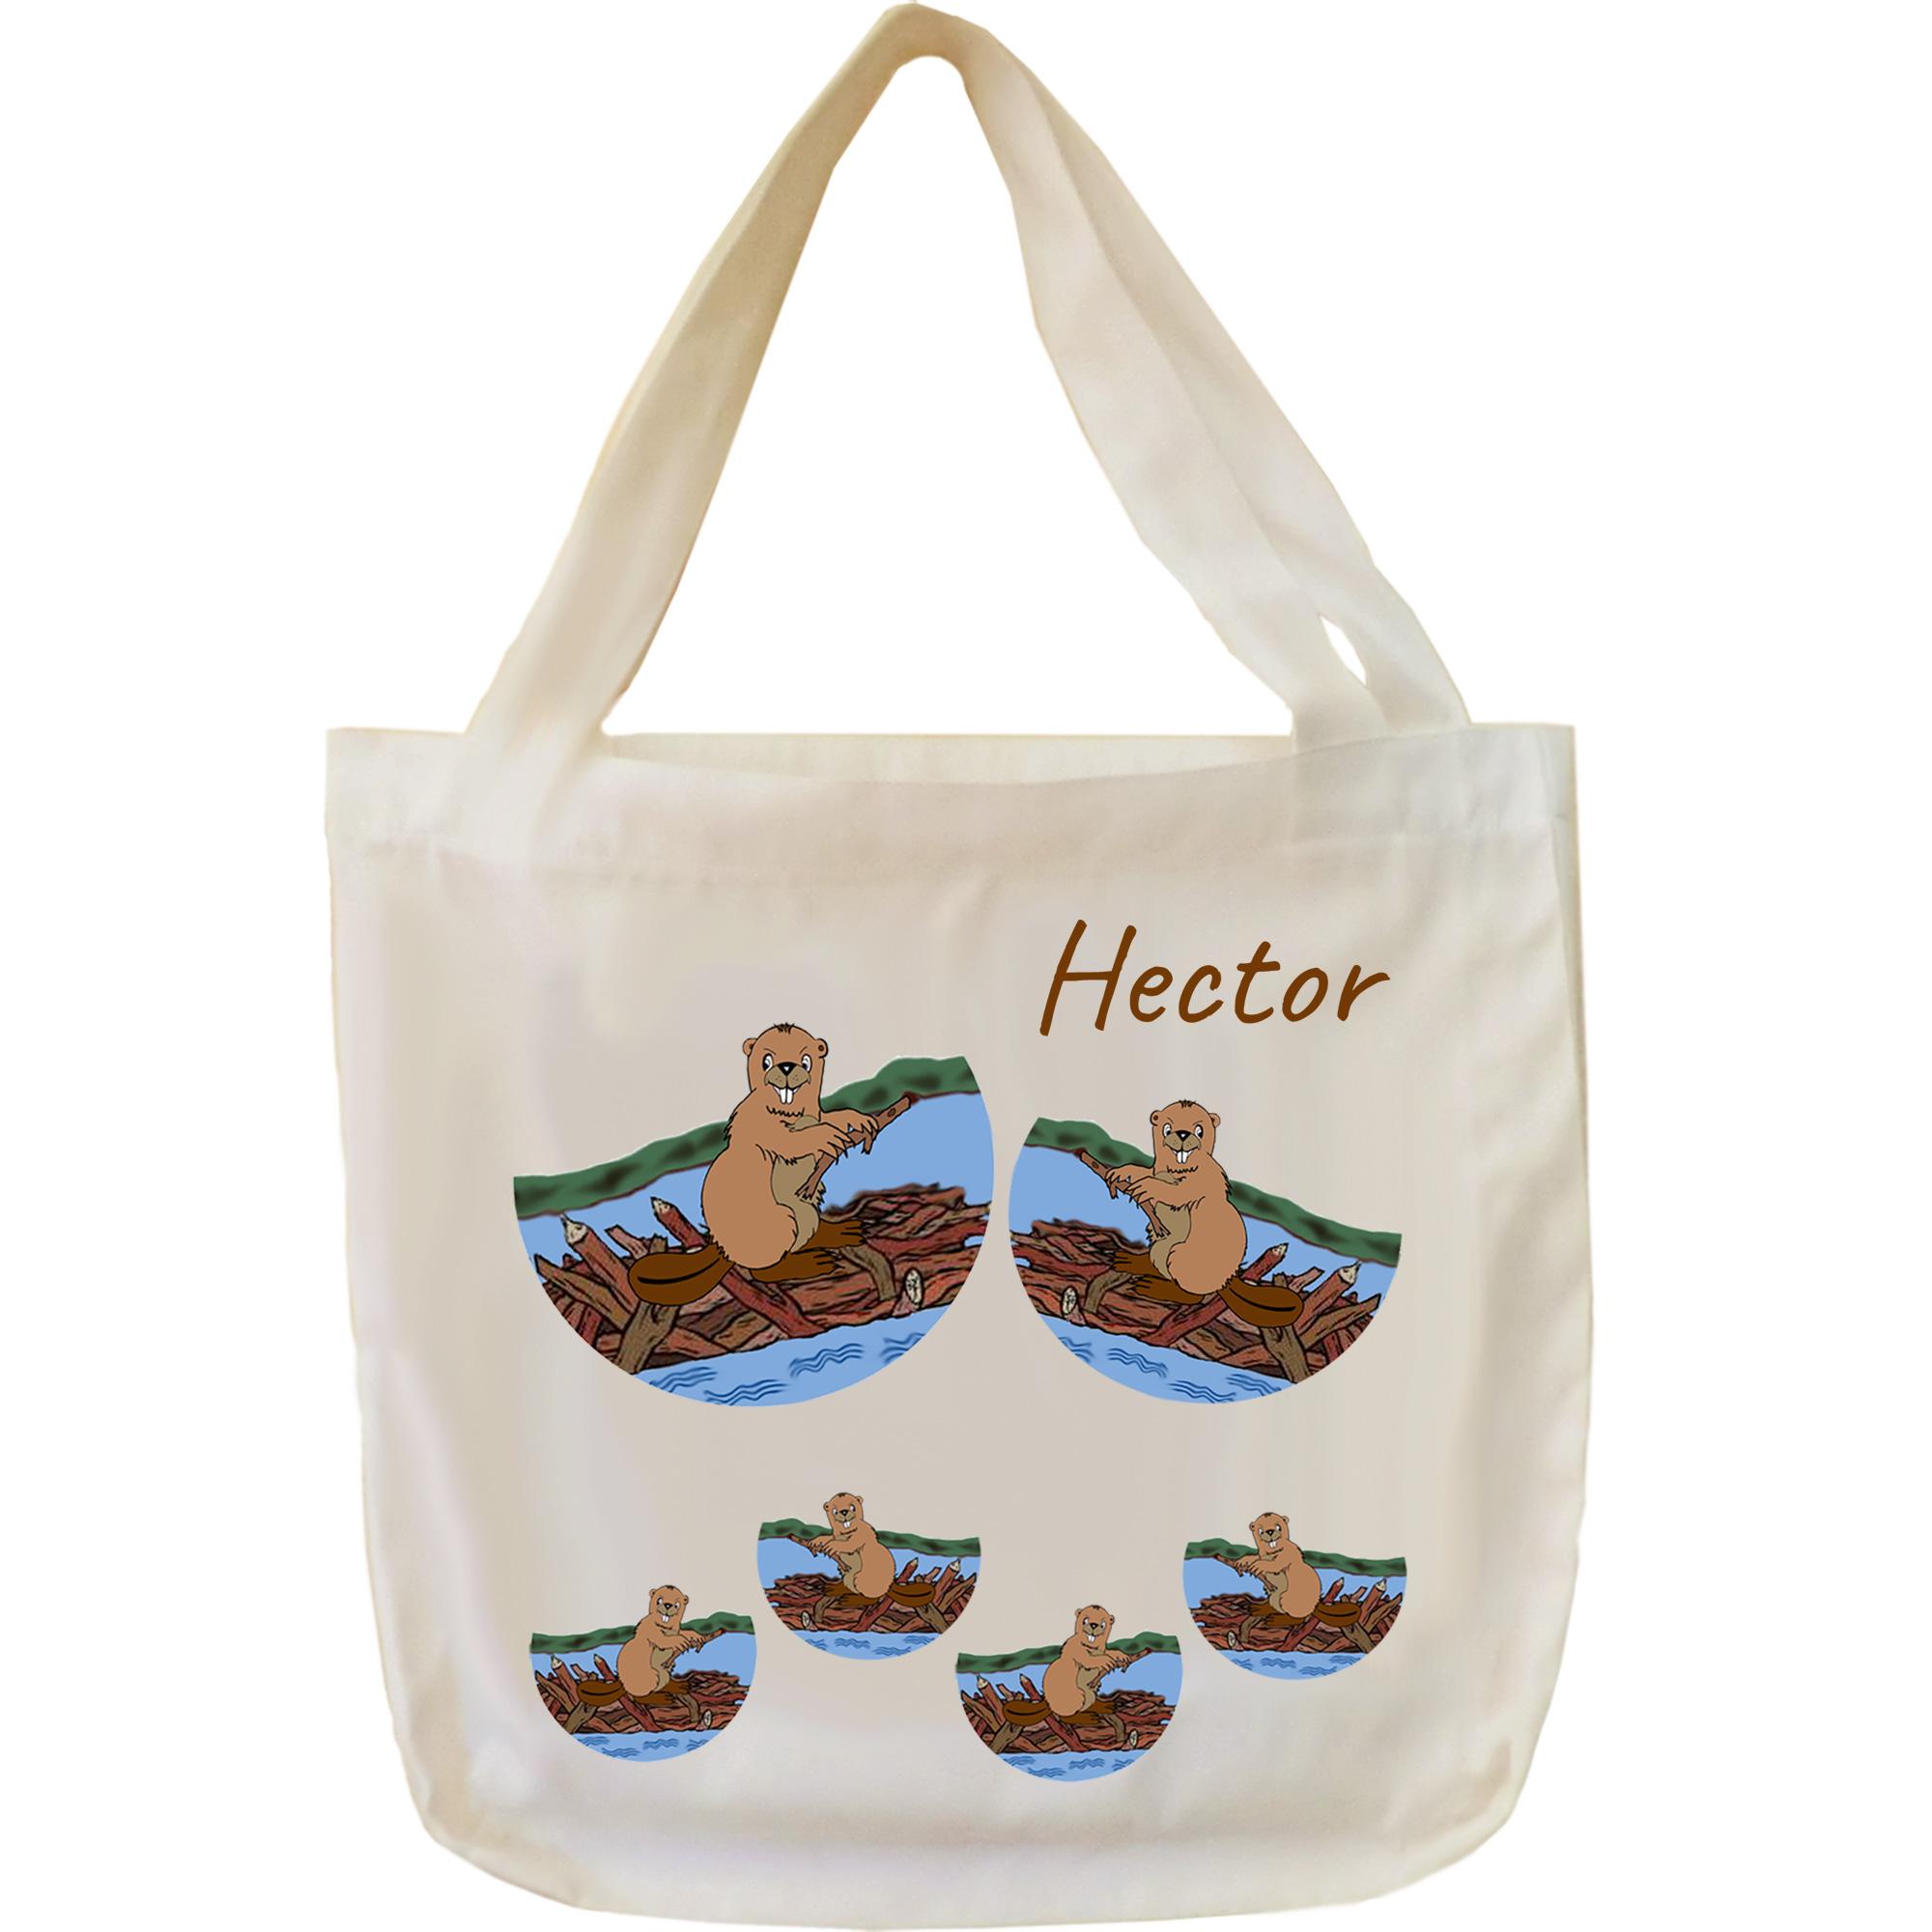 Tote Bags, Castor à personnaliser avec un prénom exemple Hector